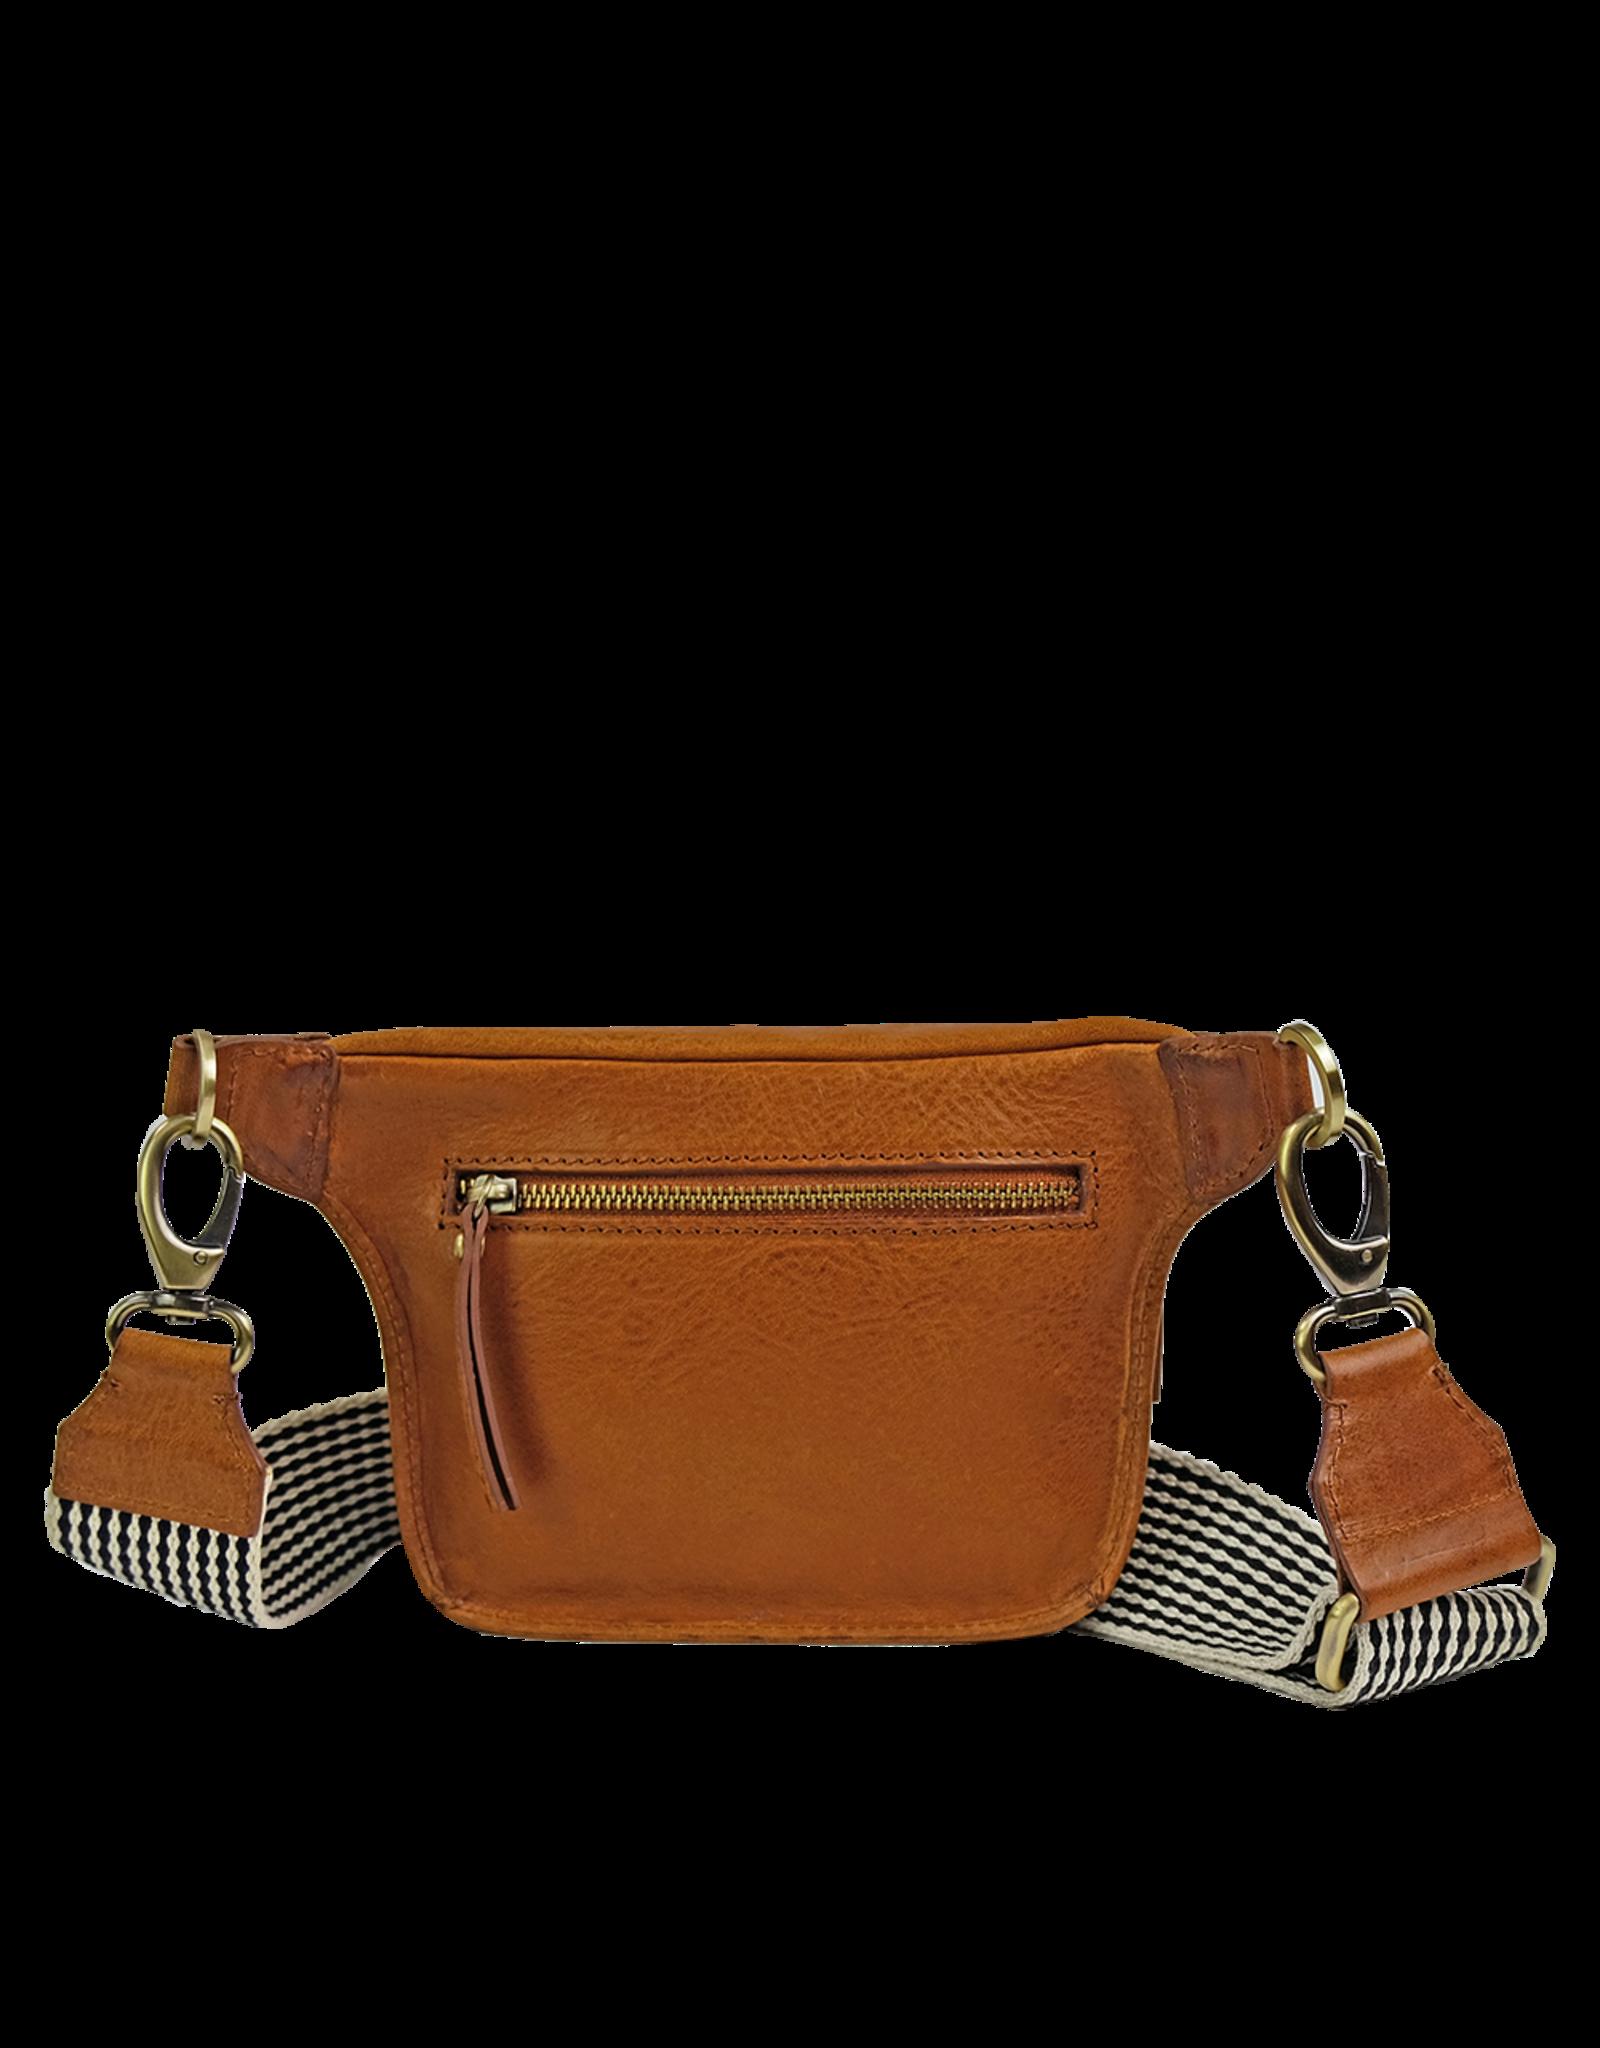 OMyBag Beck's Bum Bag Cognac Checkered Strap